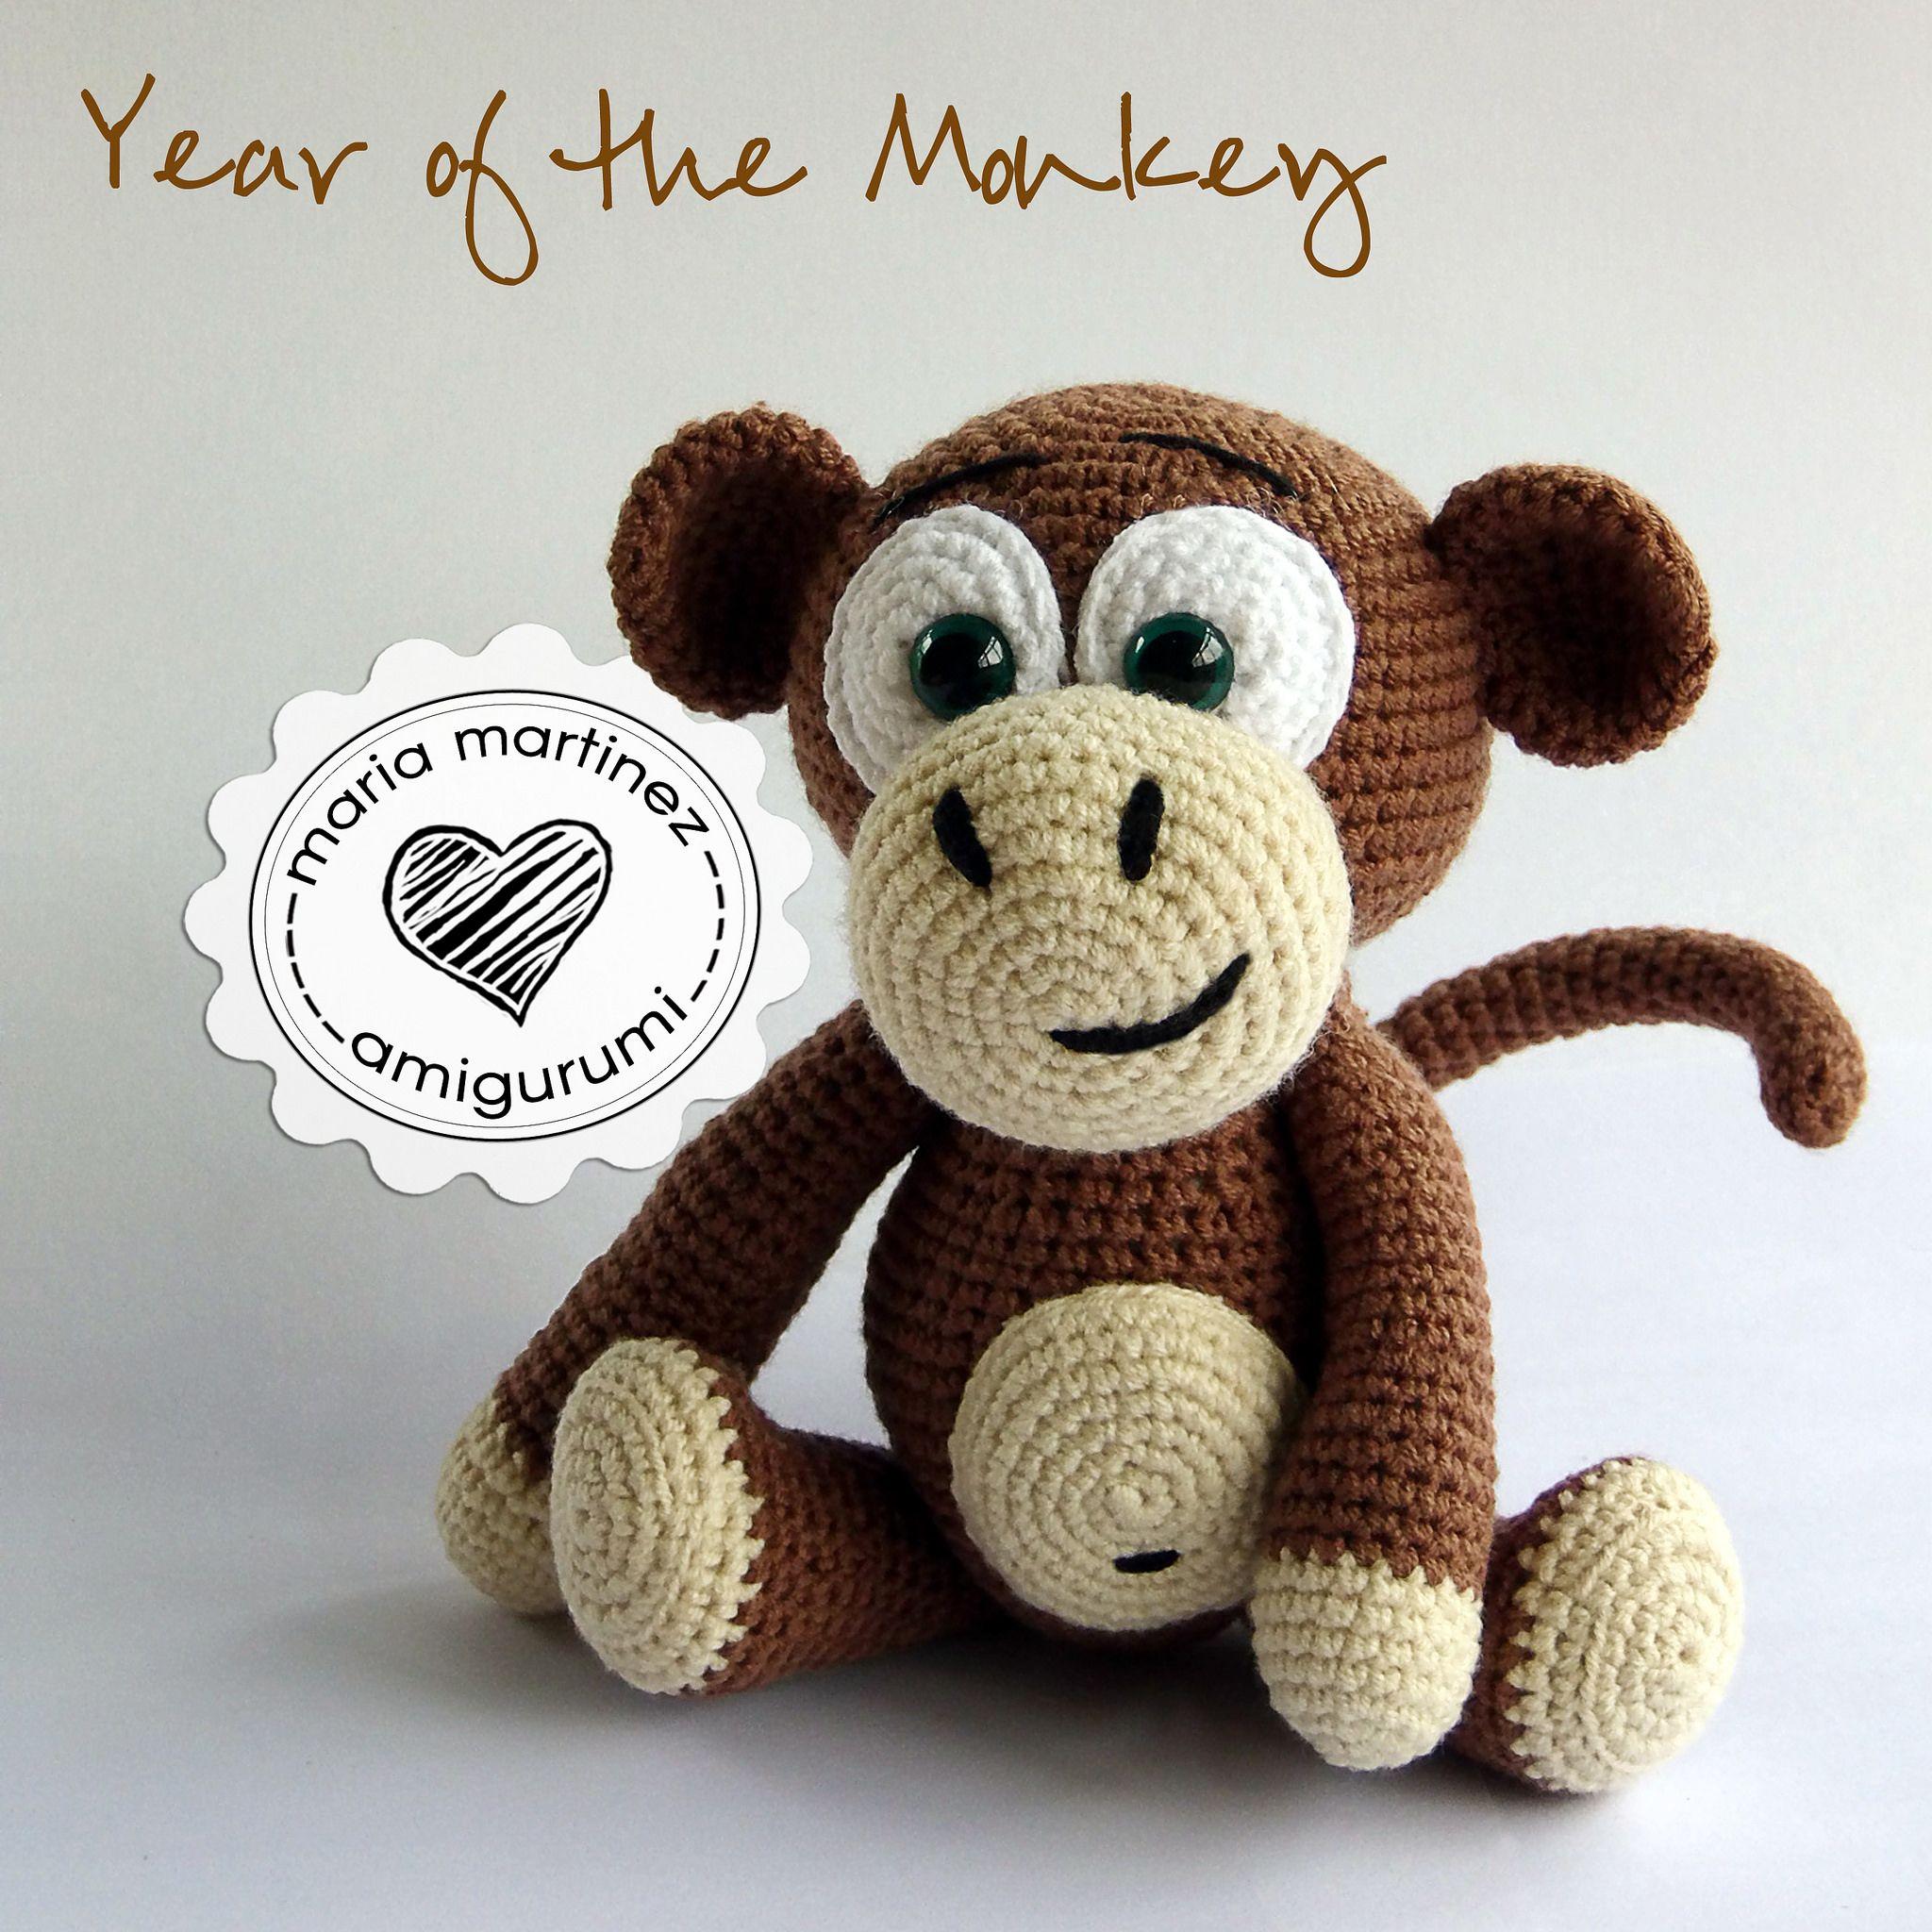 Maria Martinez Amigurumi Monkey Crochet | Patrones, Link y Miniaturas